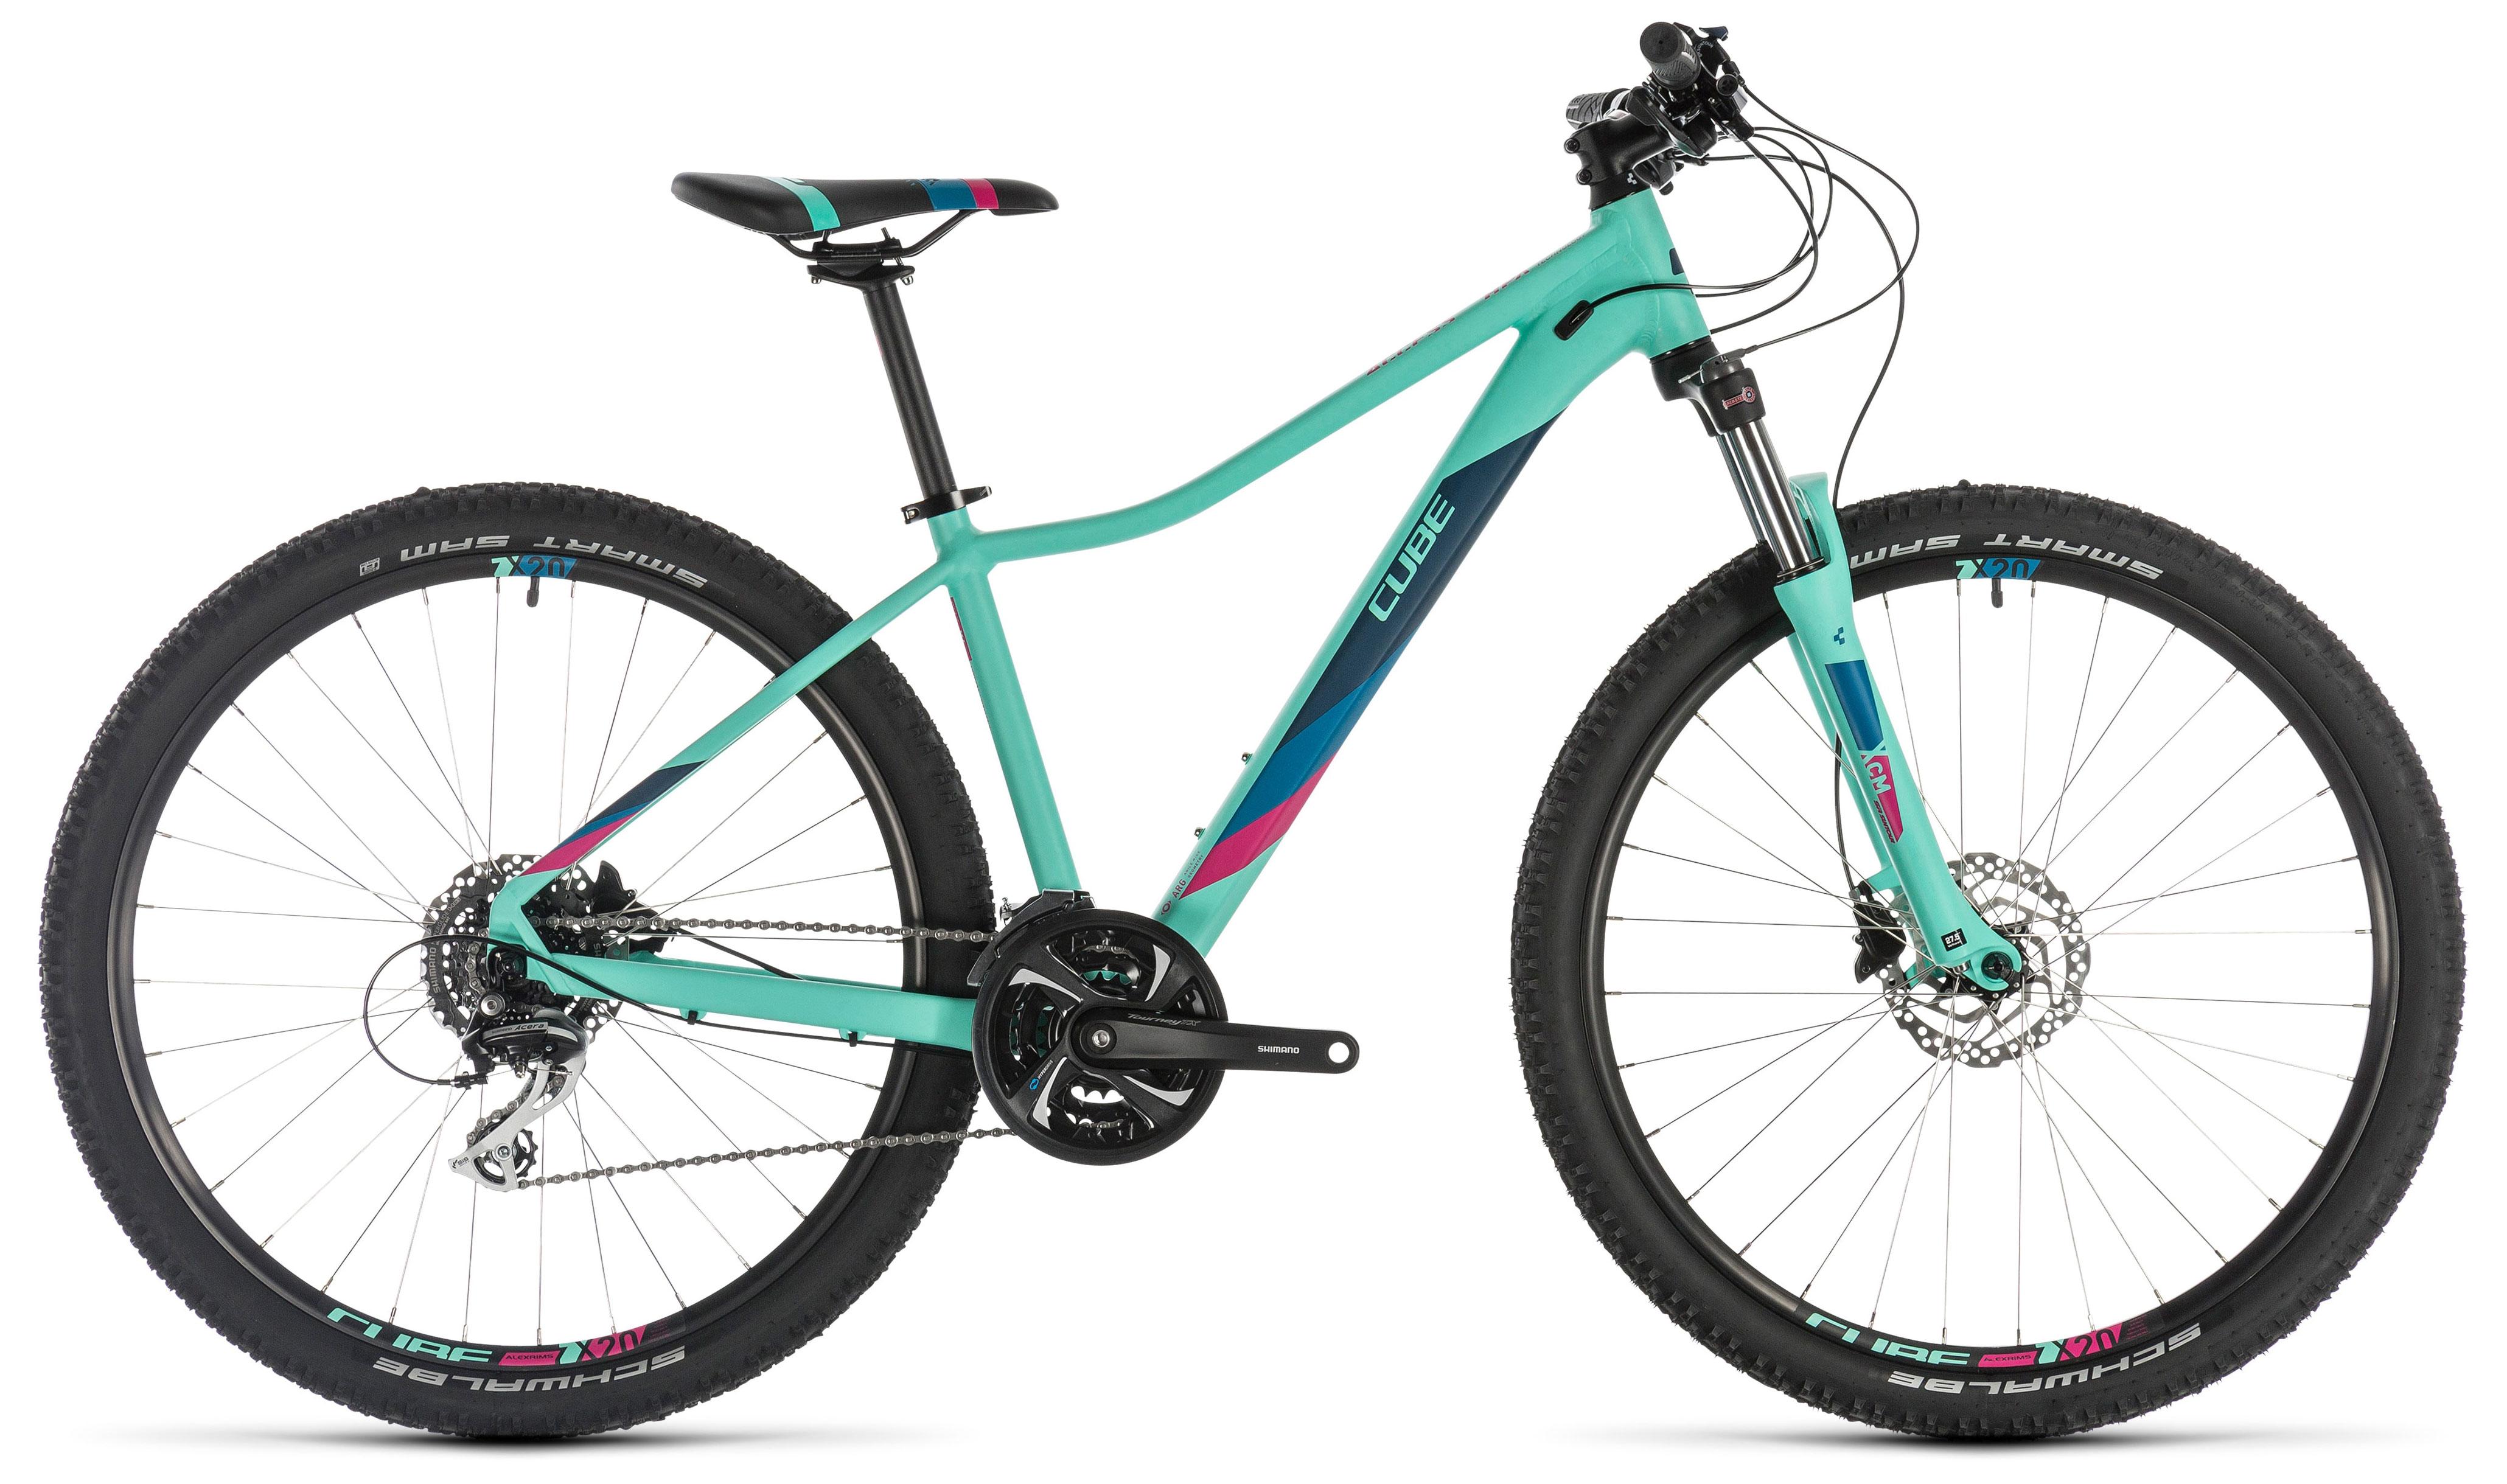 Велосипед Cube Access WS EXC 29 2019 велосипед cube access 200 allroad 2019